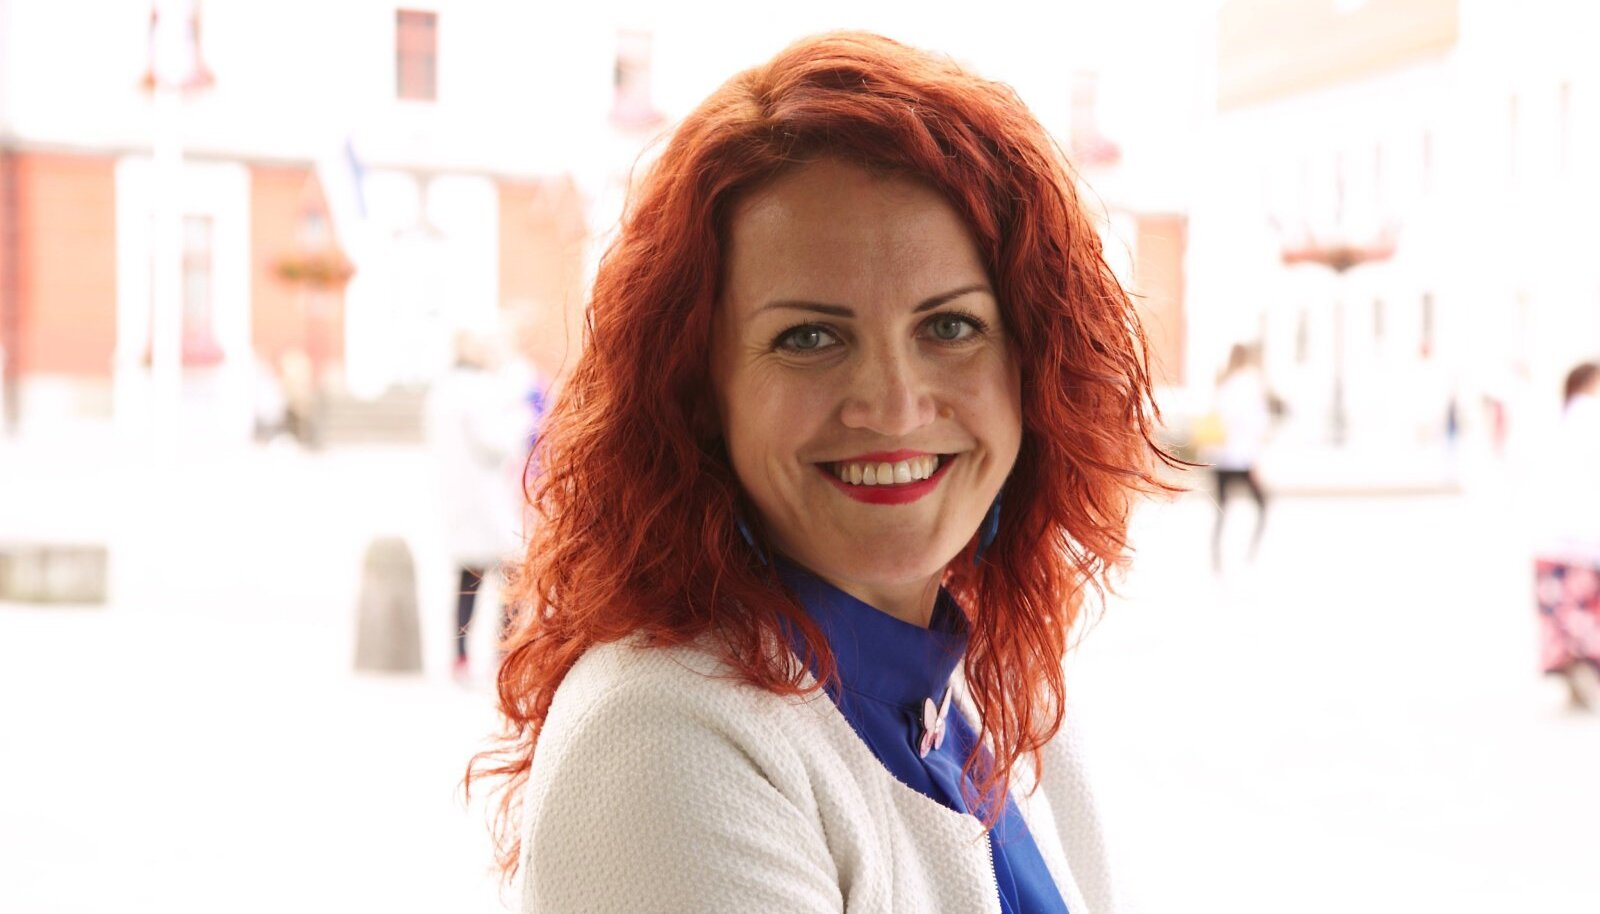 Mariann Kiidron